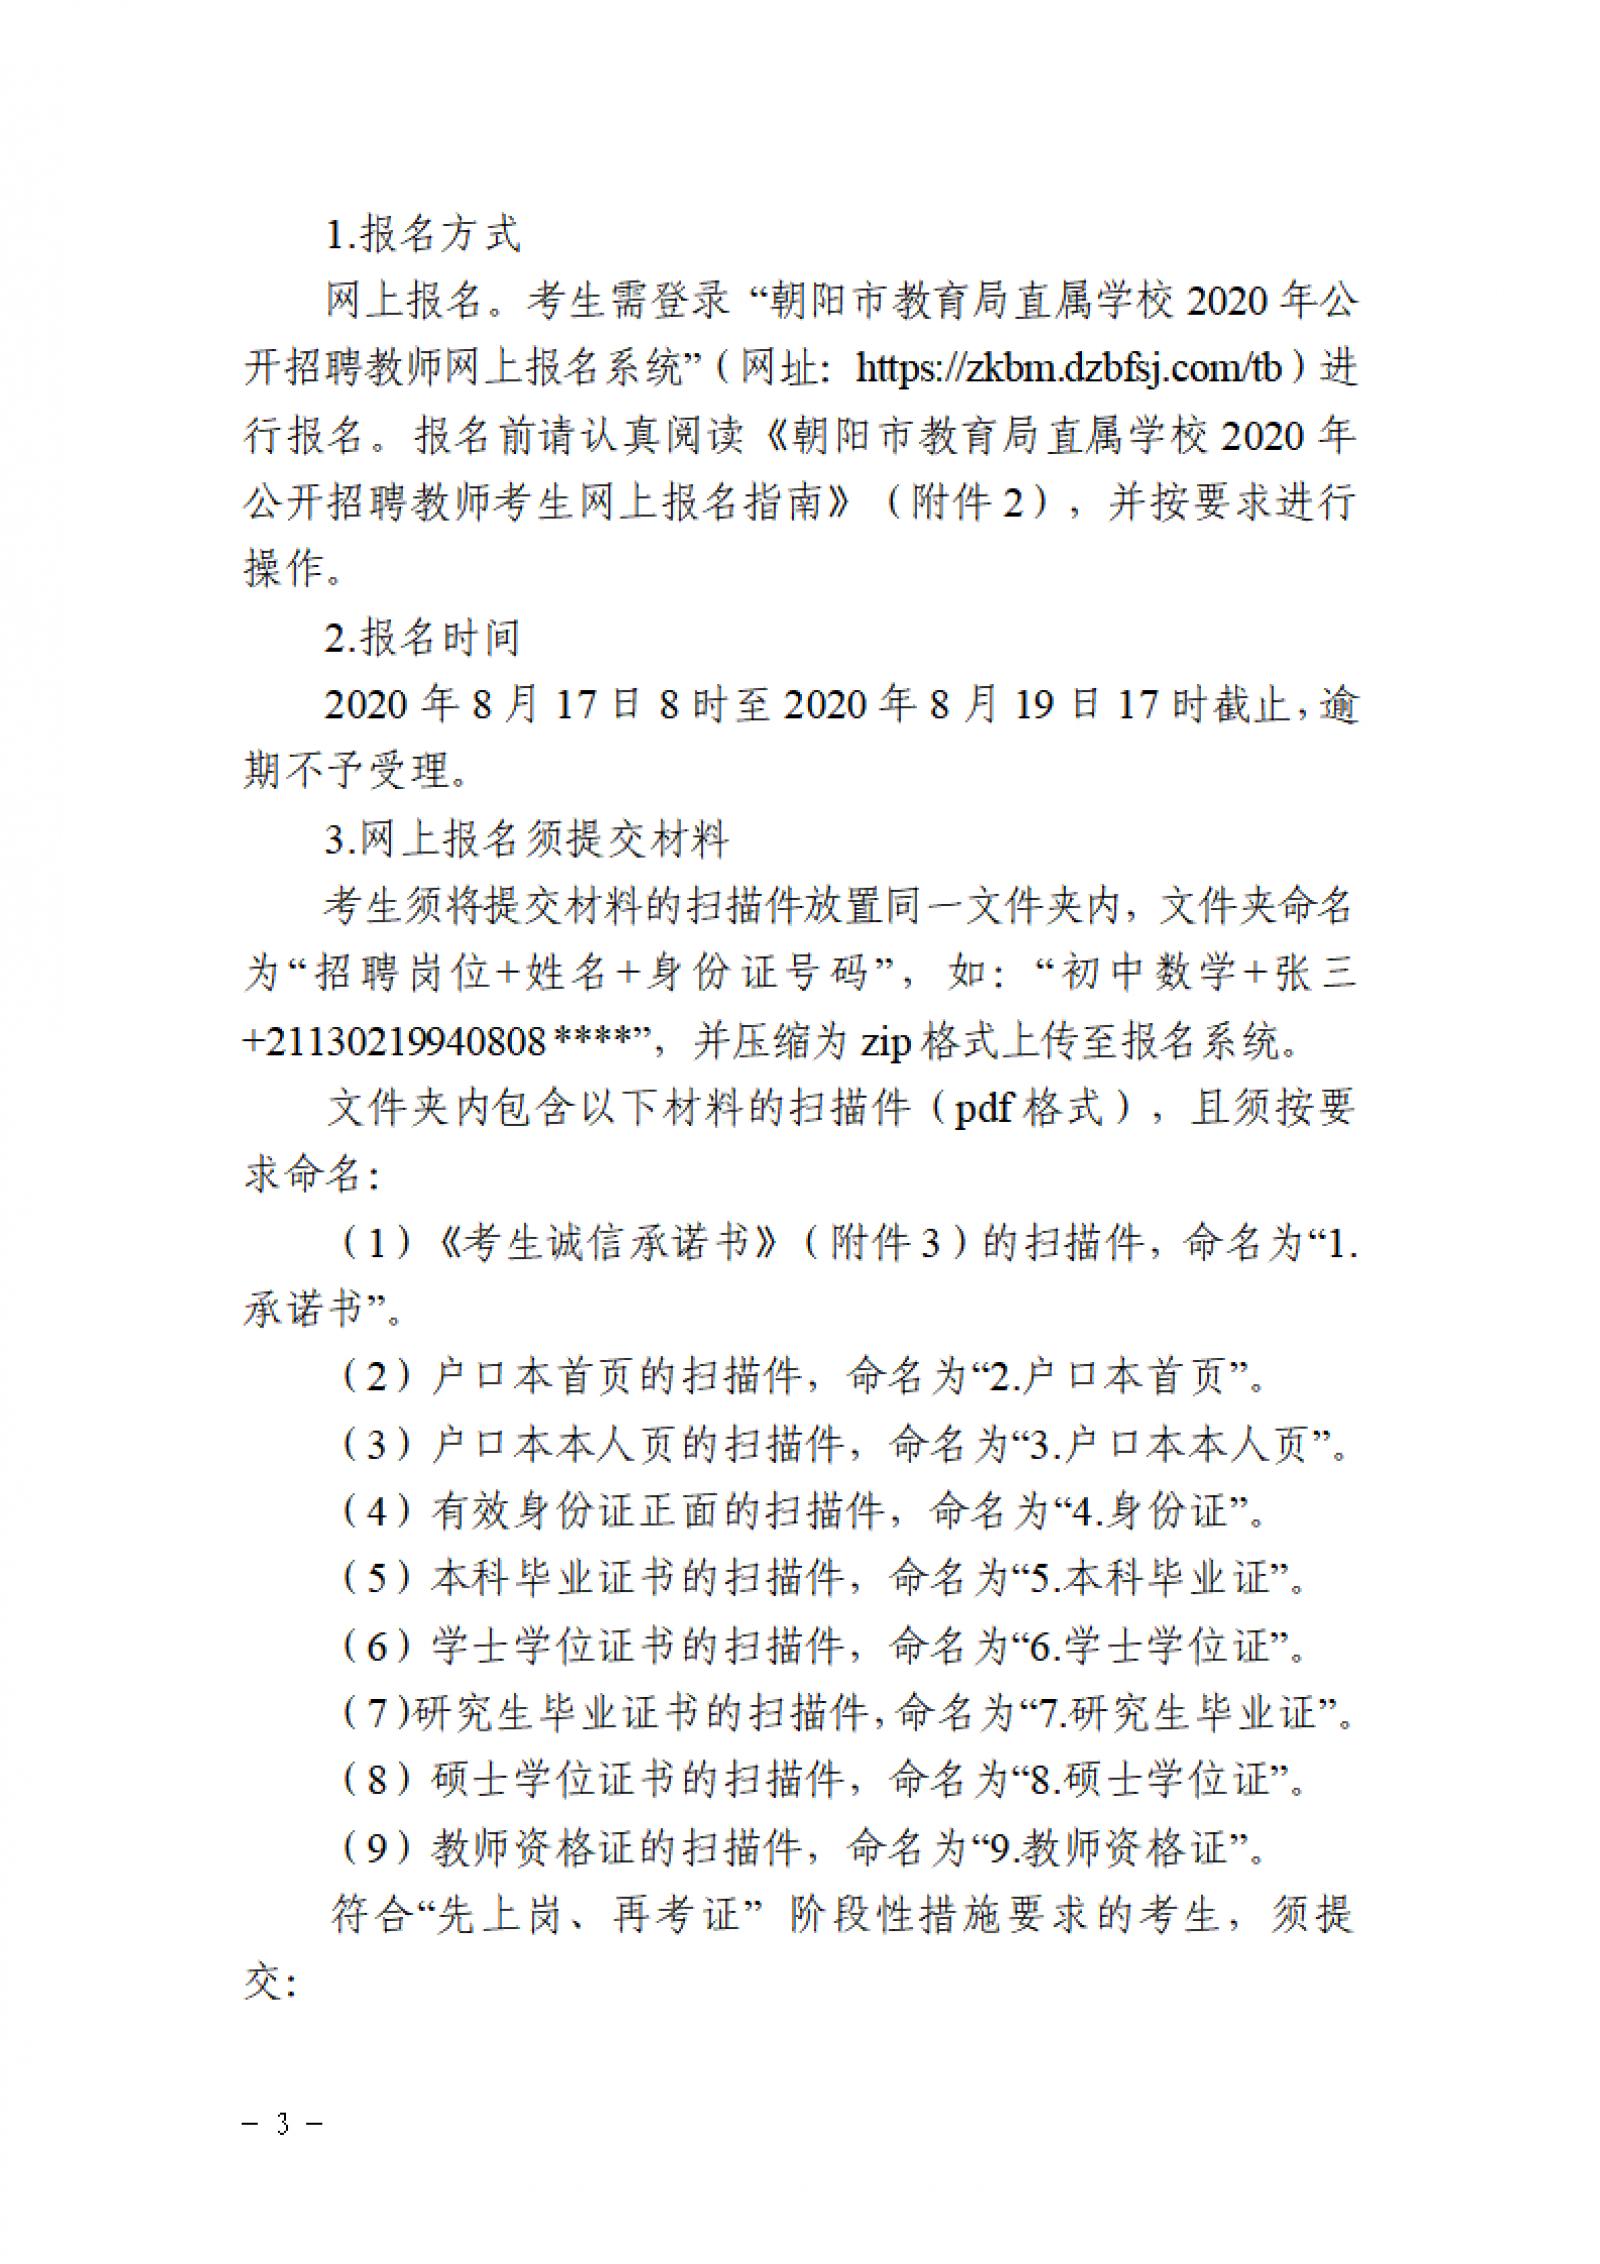 2020年朝阳市教育局直属学校第一批次招聘教师公告图3